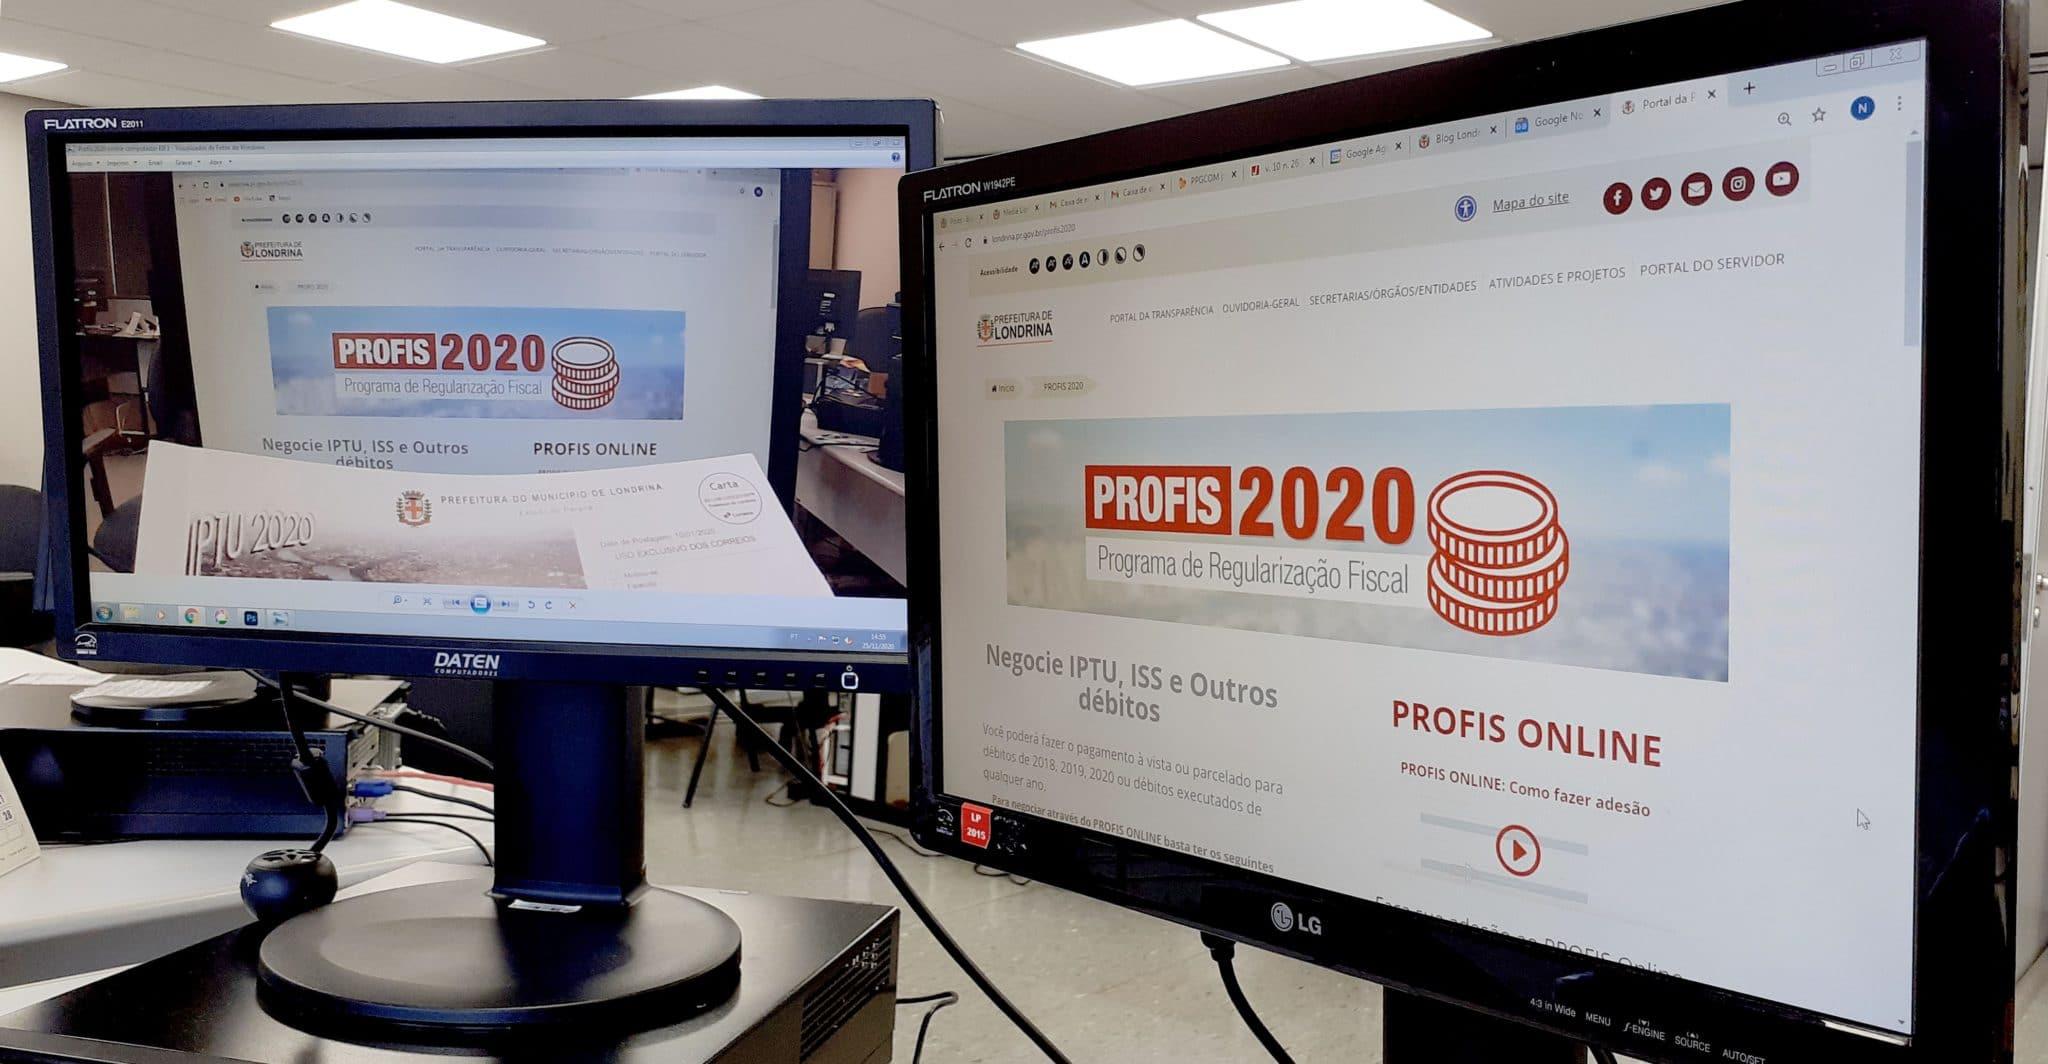 PROFIS 2020: VEJA SE SUA EMPRESA PODERÁ ADERIR AINDA EM JANEIRO DE 2021